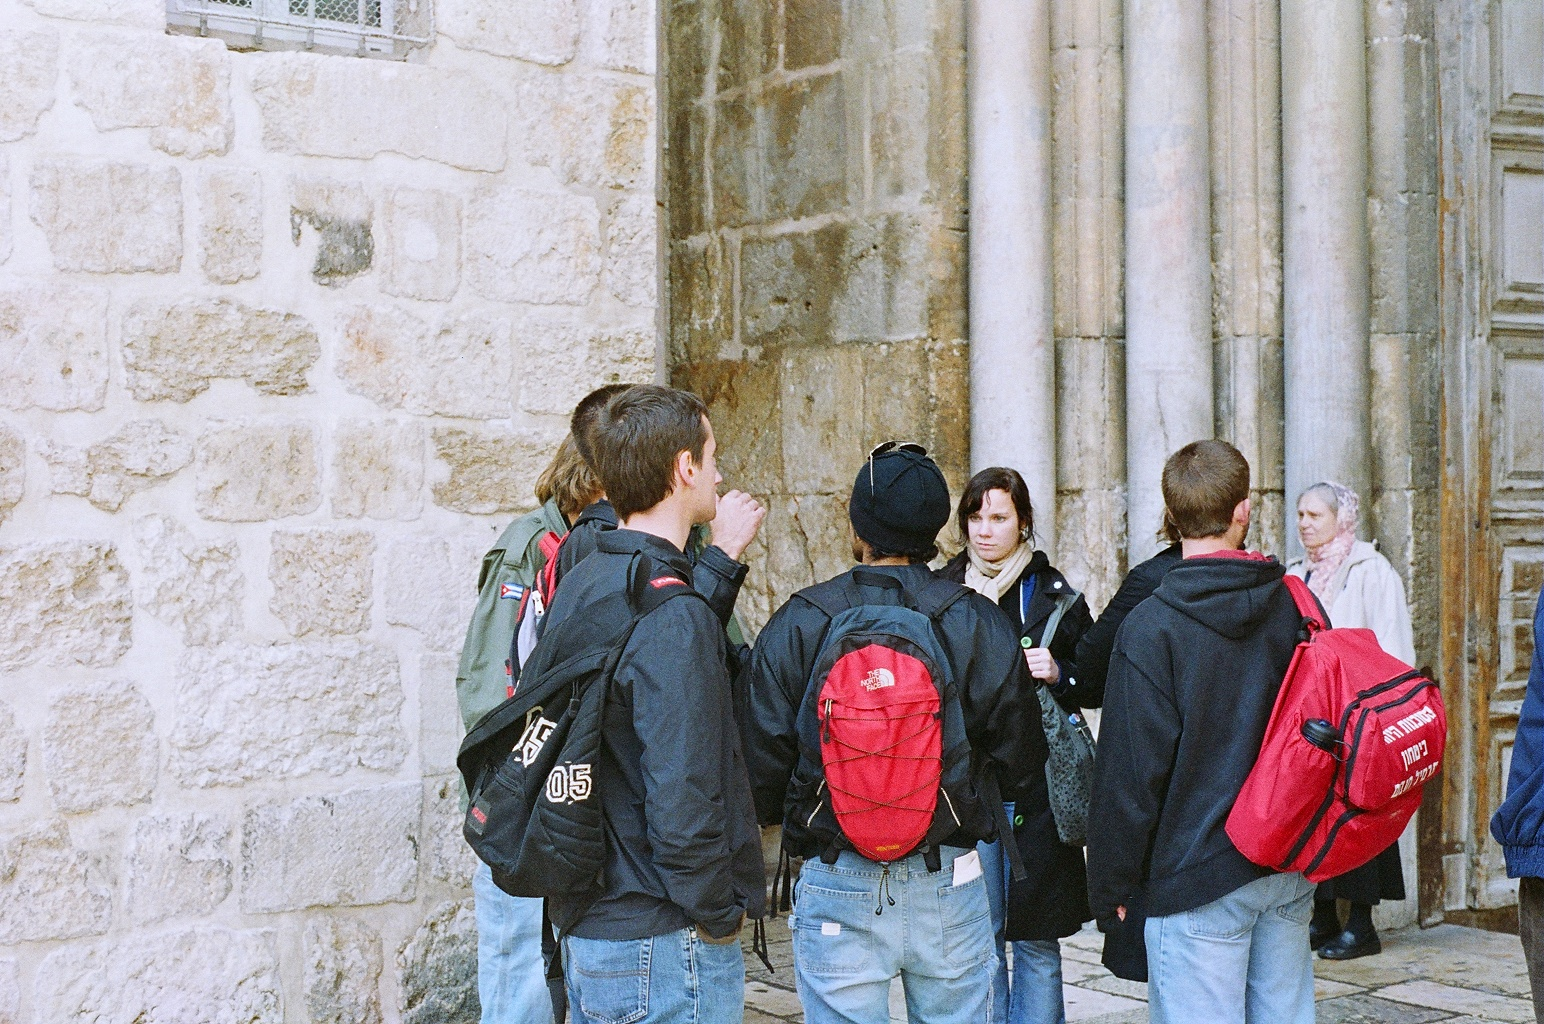 열네번째 이야기, 이스라엘에서 만난 사람들